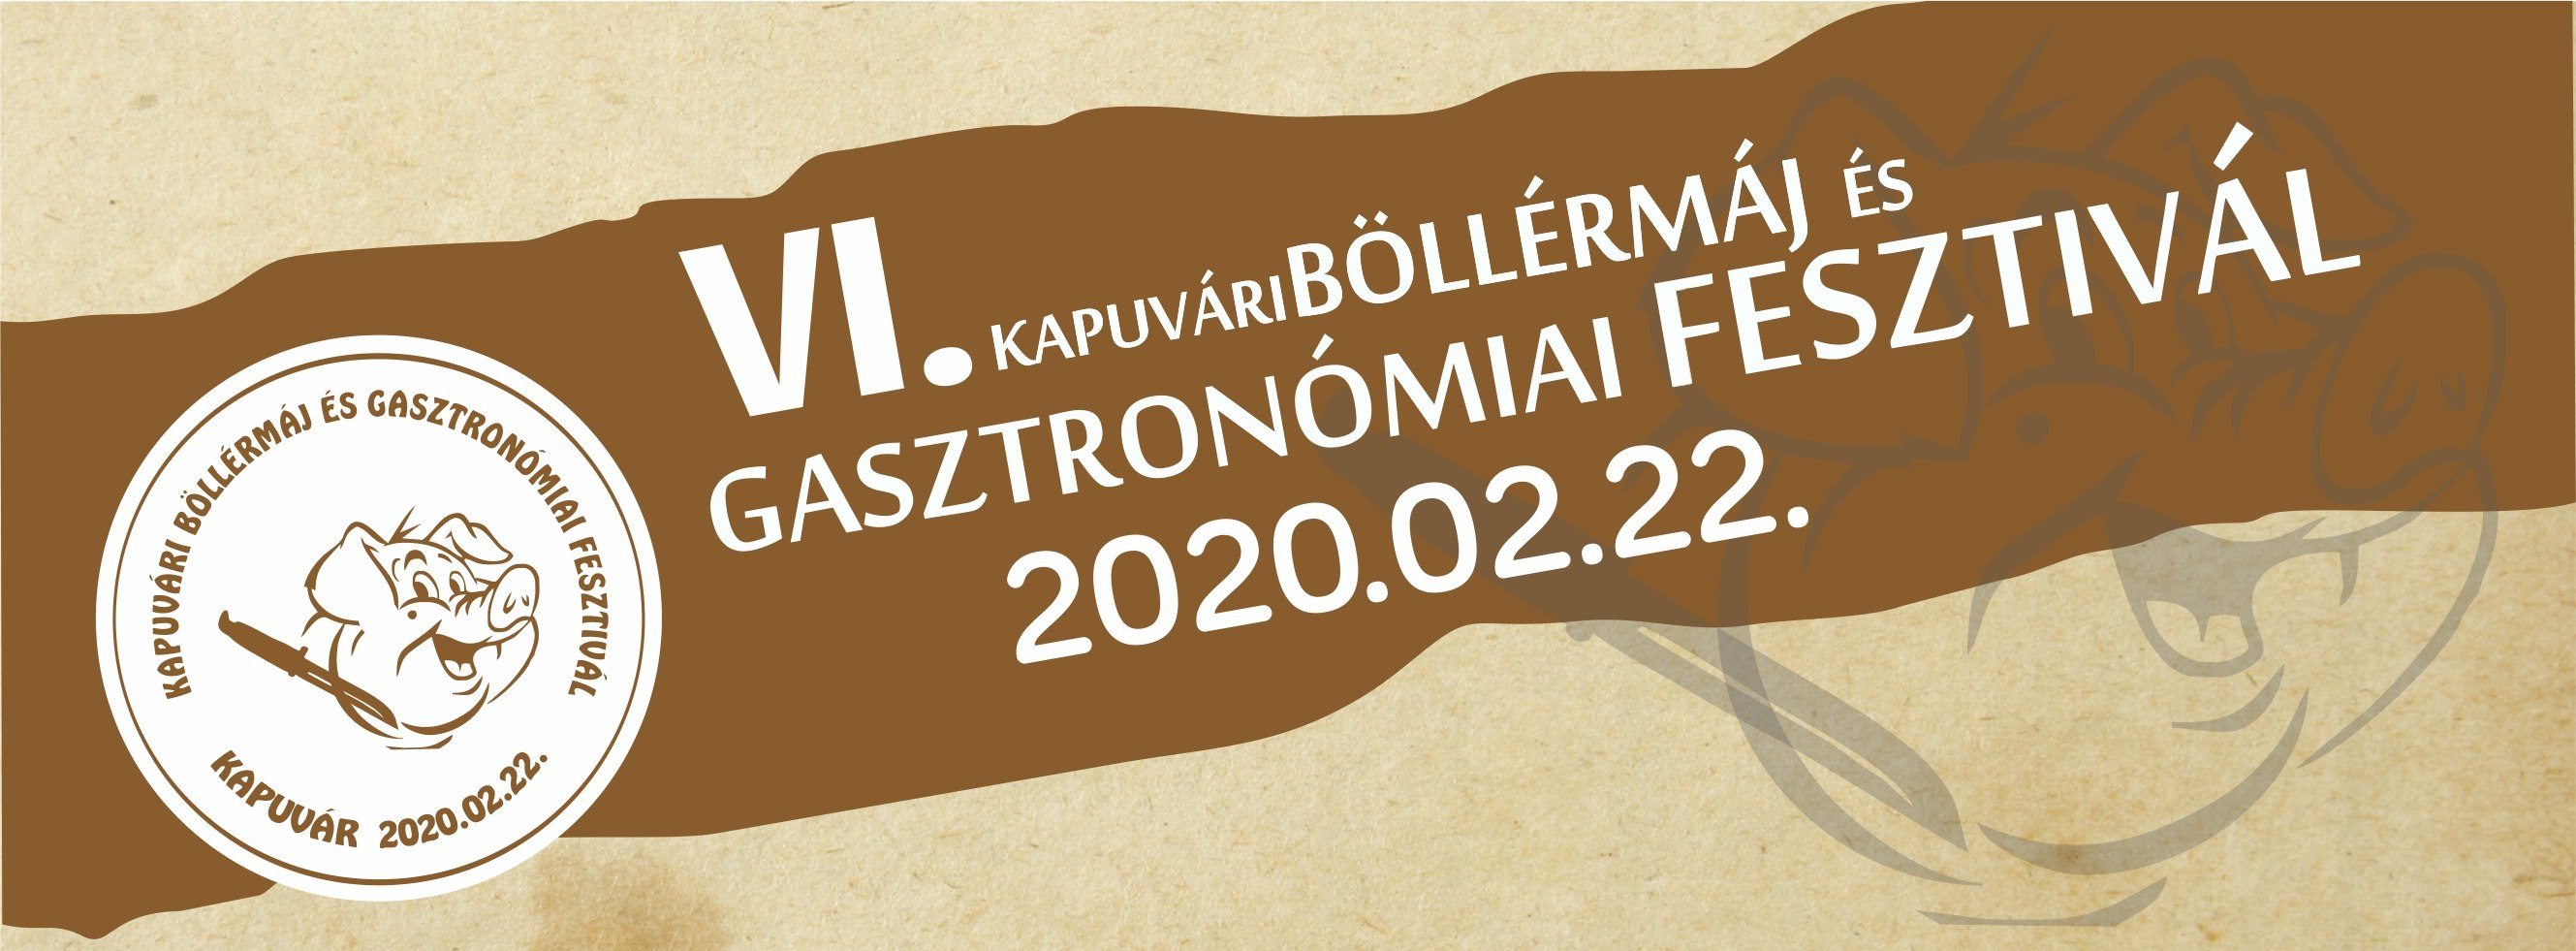 Böllérmáj Fesztivál – Találkozzunk és beszélgessünk vállalkozásáról, a kamarai szolgáltatásokról!